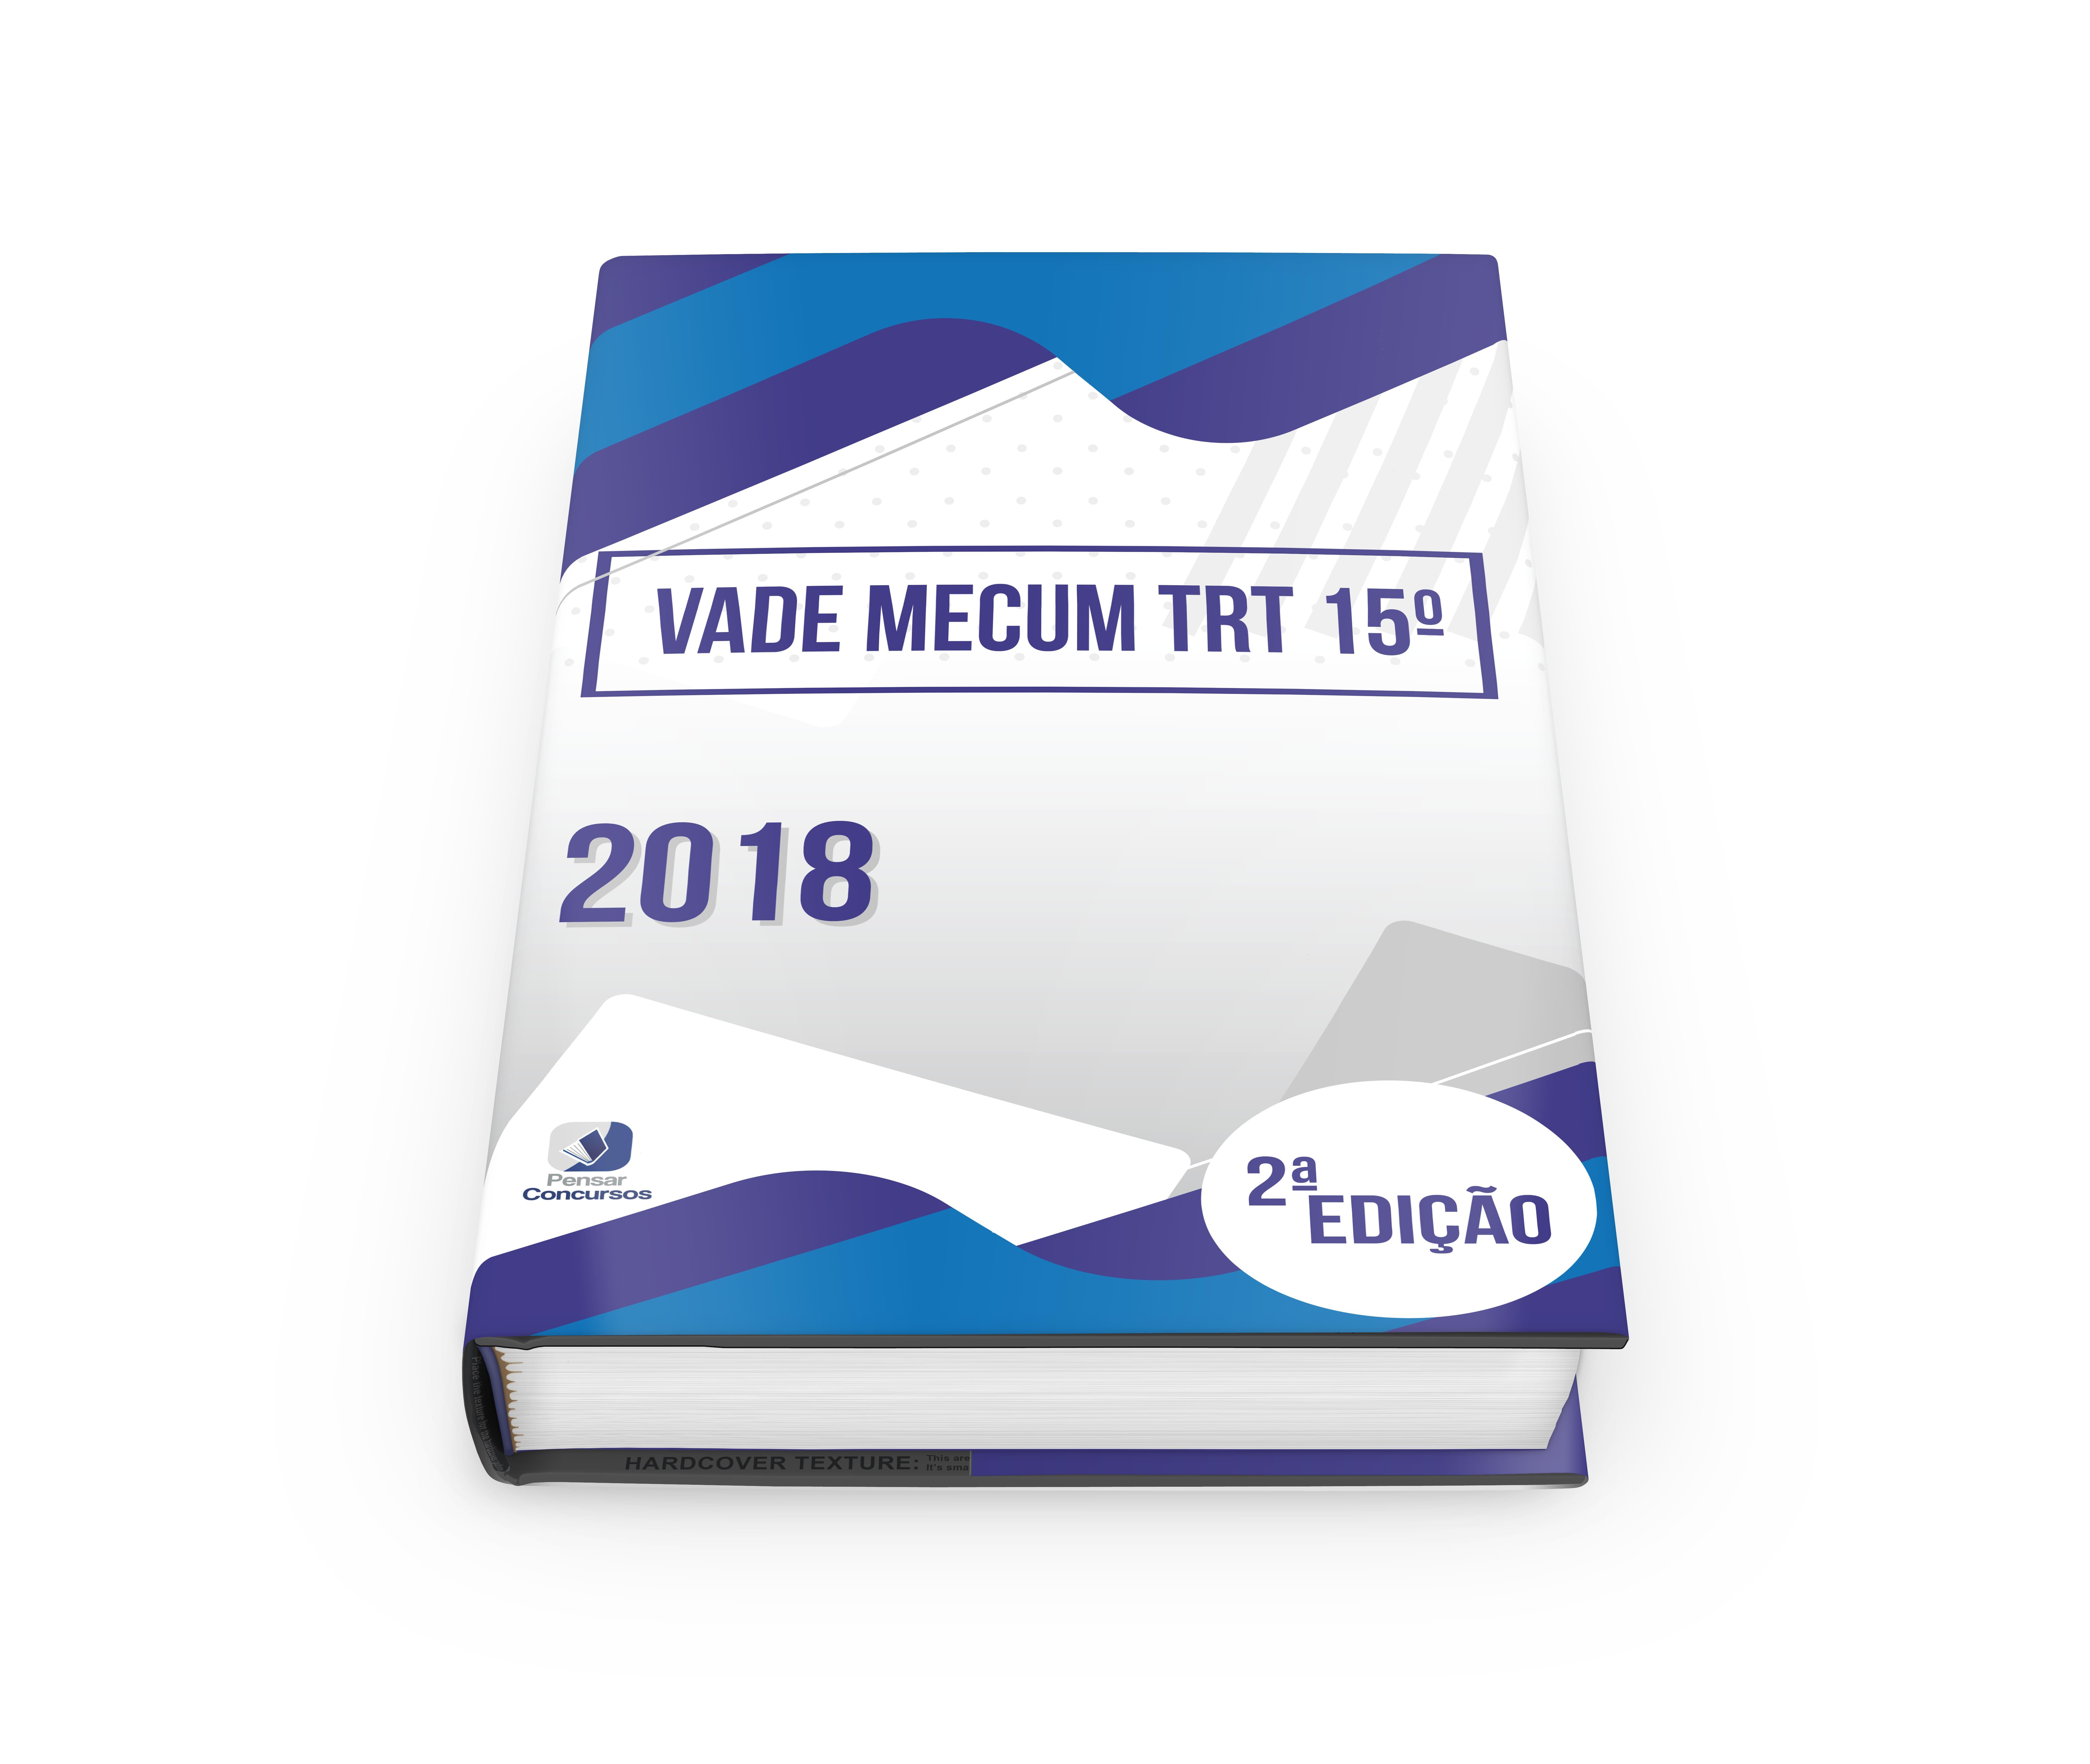 VADE MECUM TRT 15º - OJAF